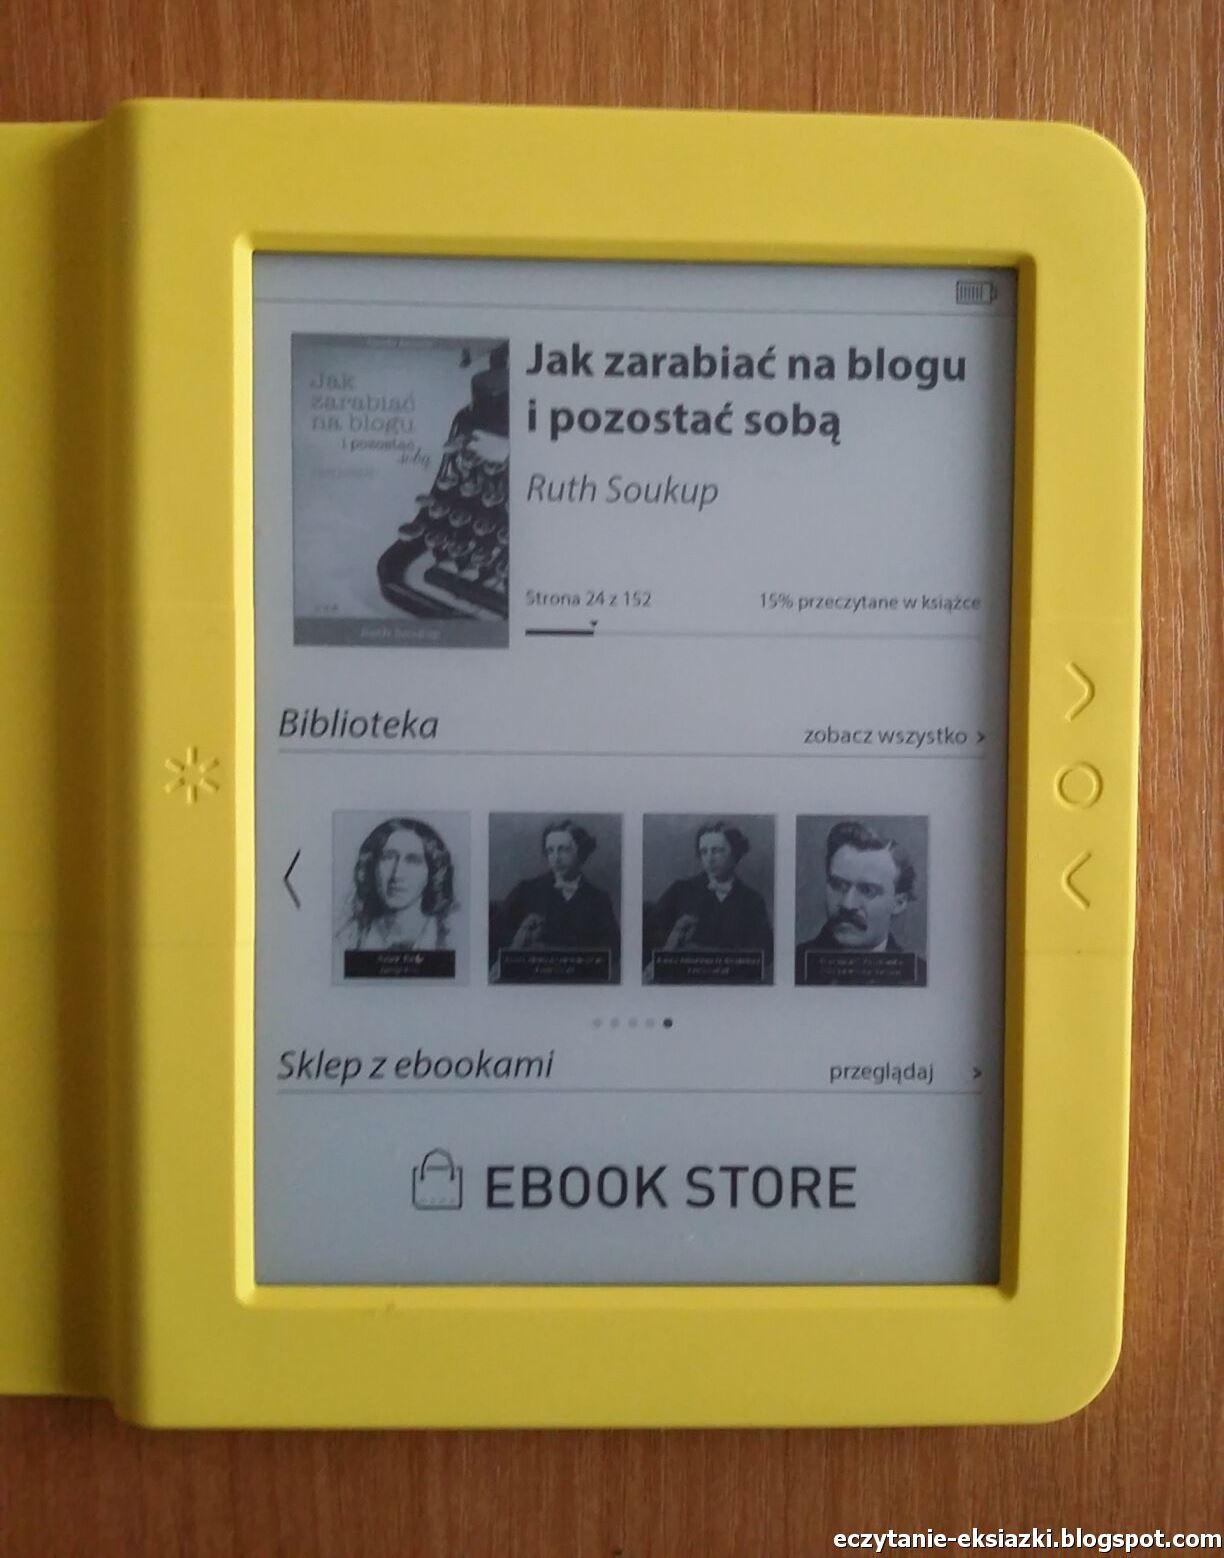 Bookeen Saga - ekran czytnika sprawia wrażenie szarego